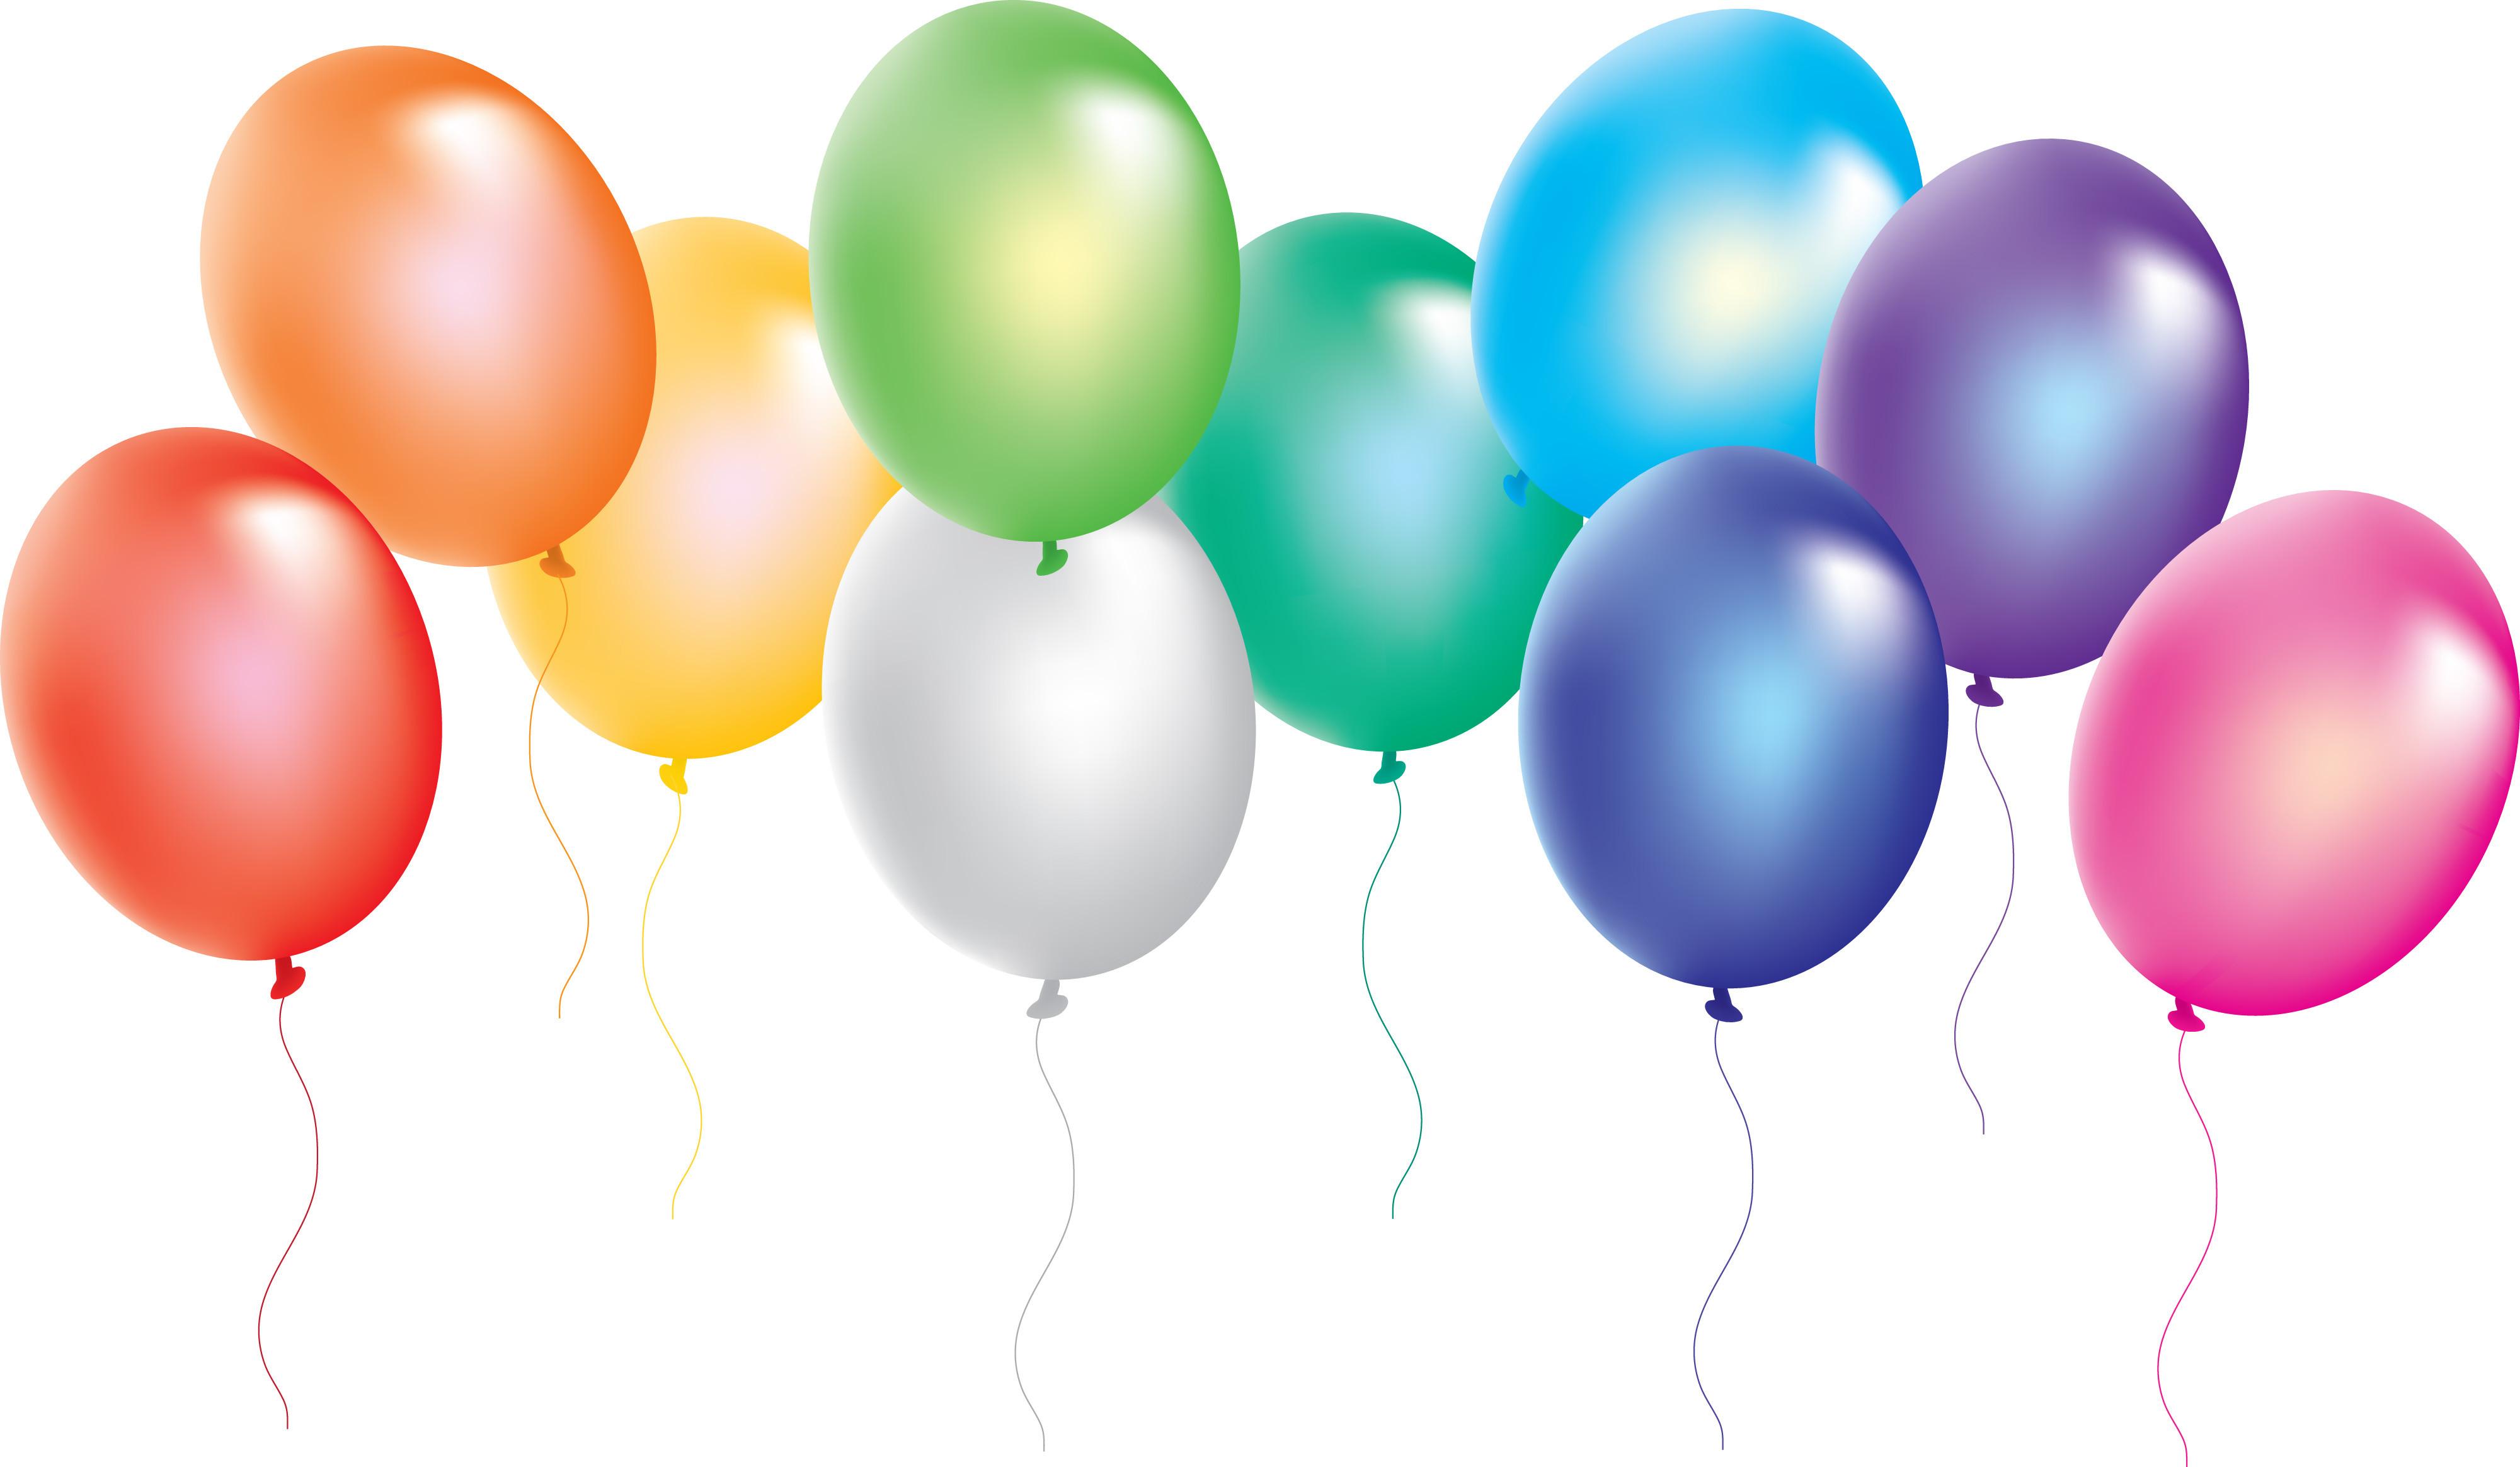 4000x2329 Balloon Clipart Congratulation